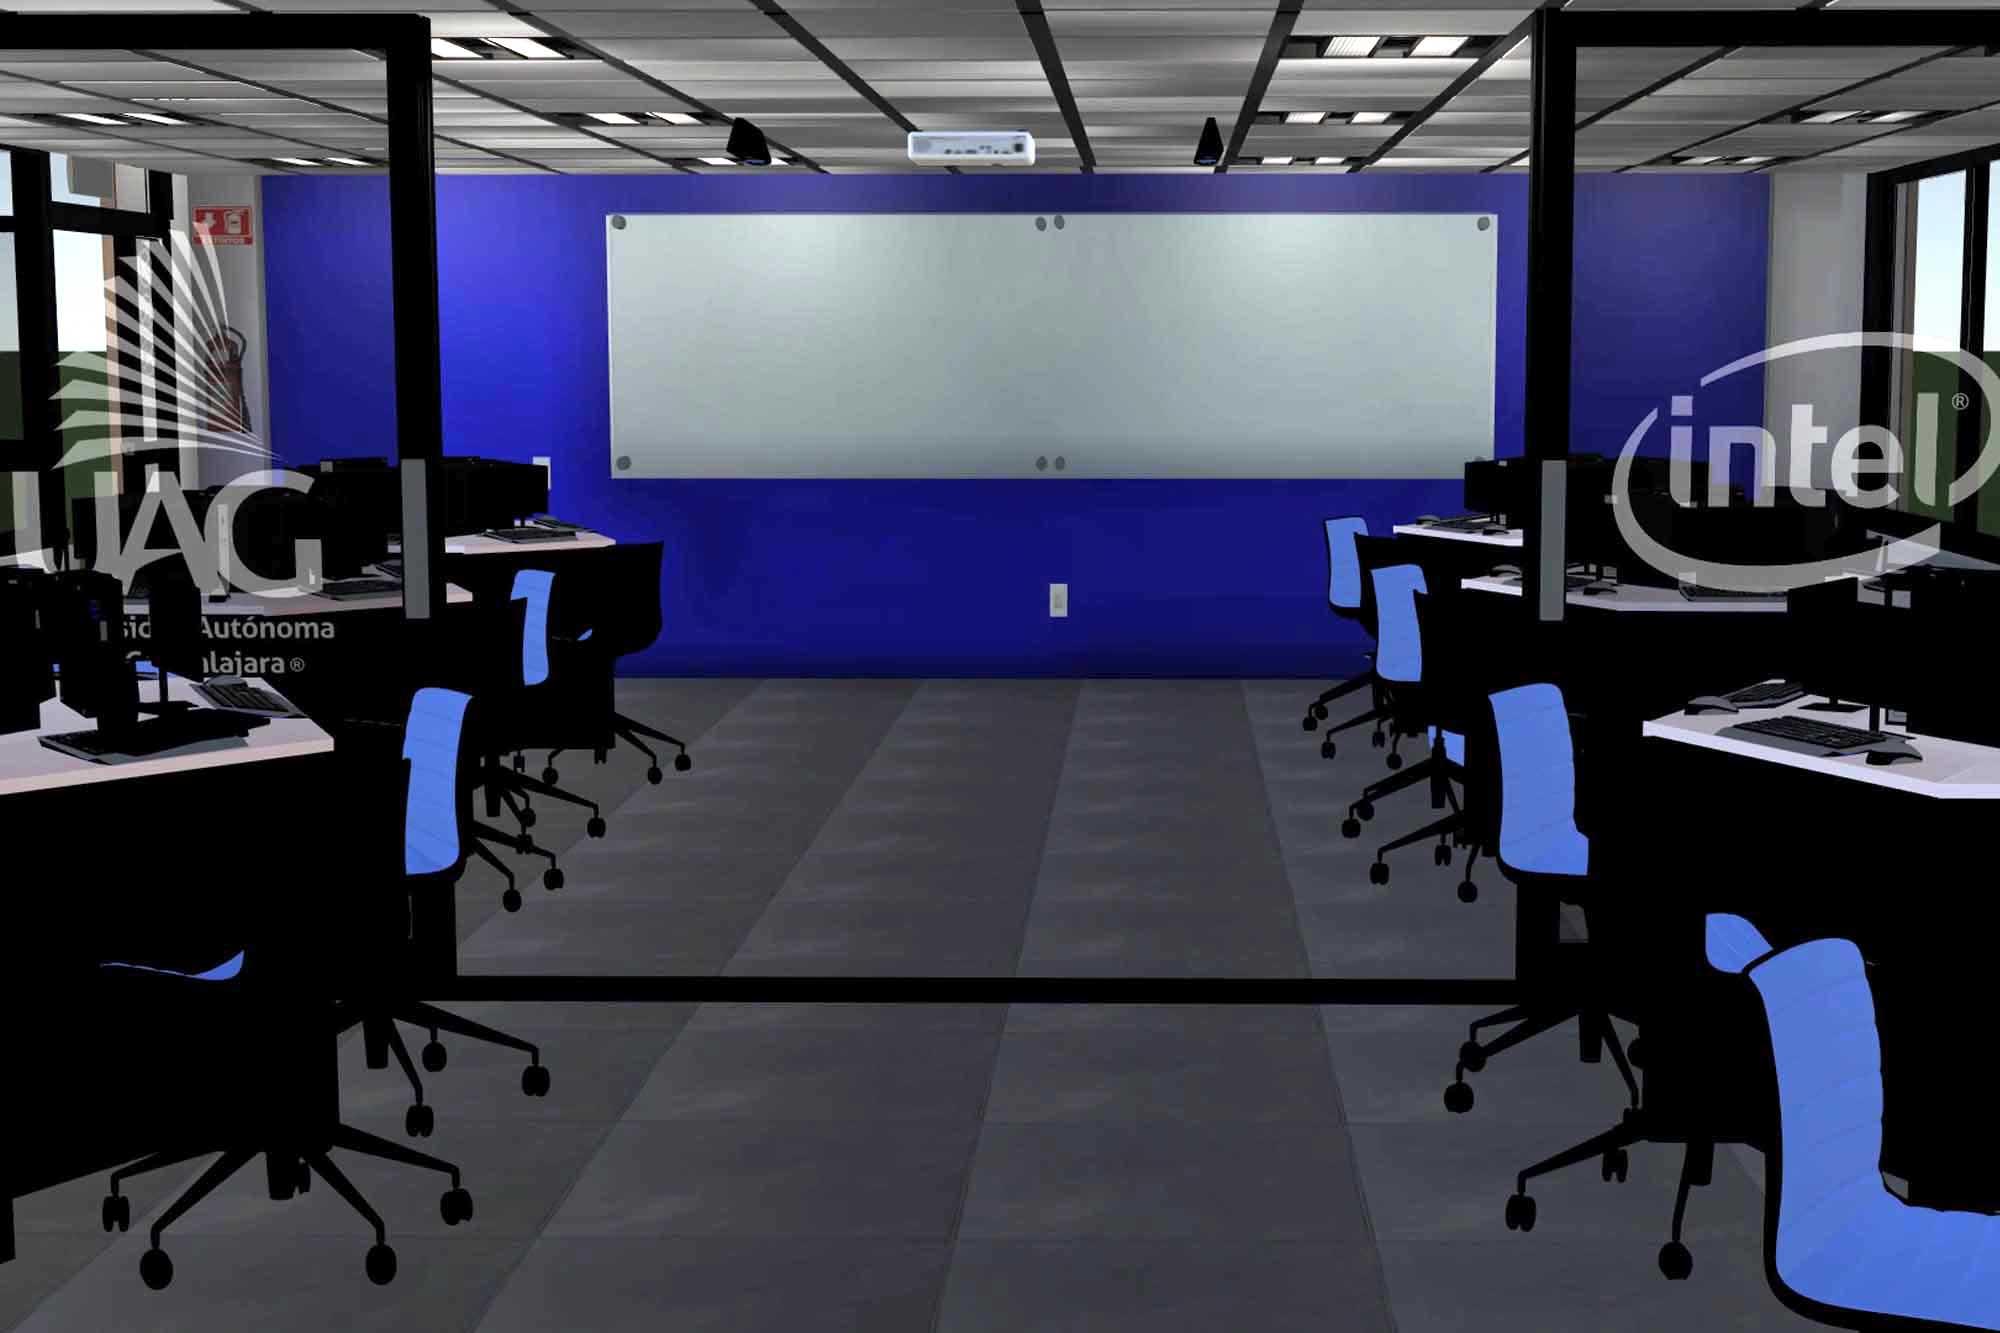 Aulas virtuales 180321